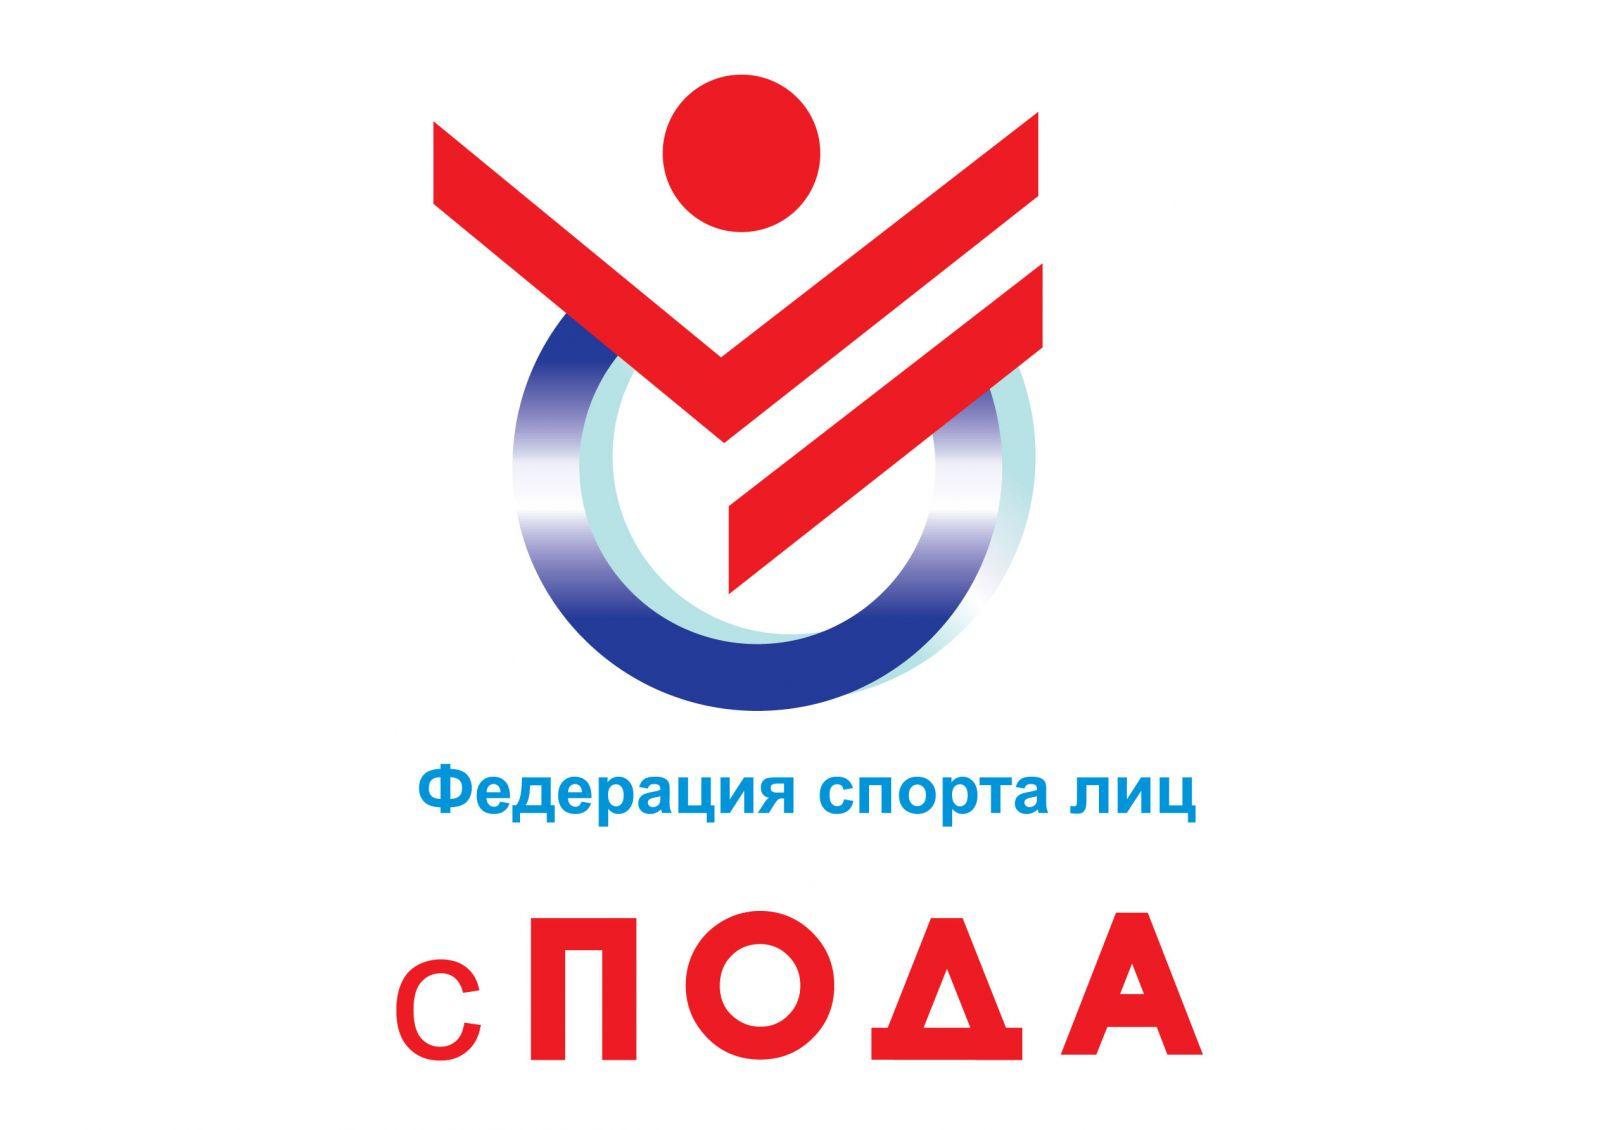 ПКР поздравляет Всероссийскую федерацию спорта лиц с ПОДА с прохождением государственной аккредитации в качестве спортивной федерации